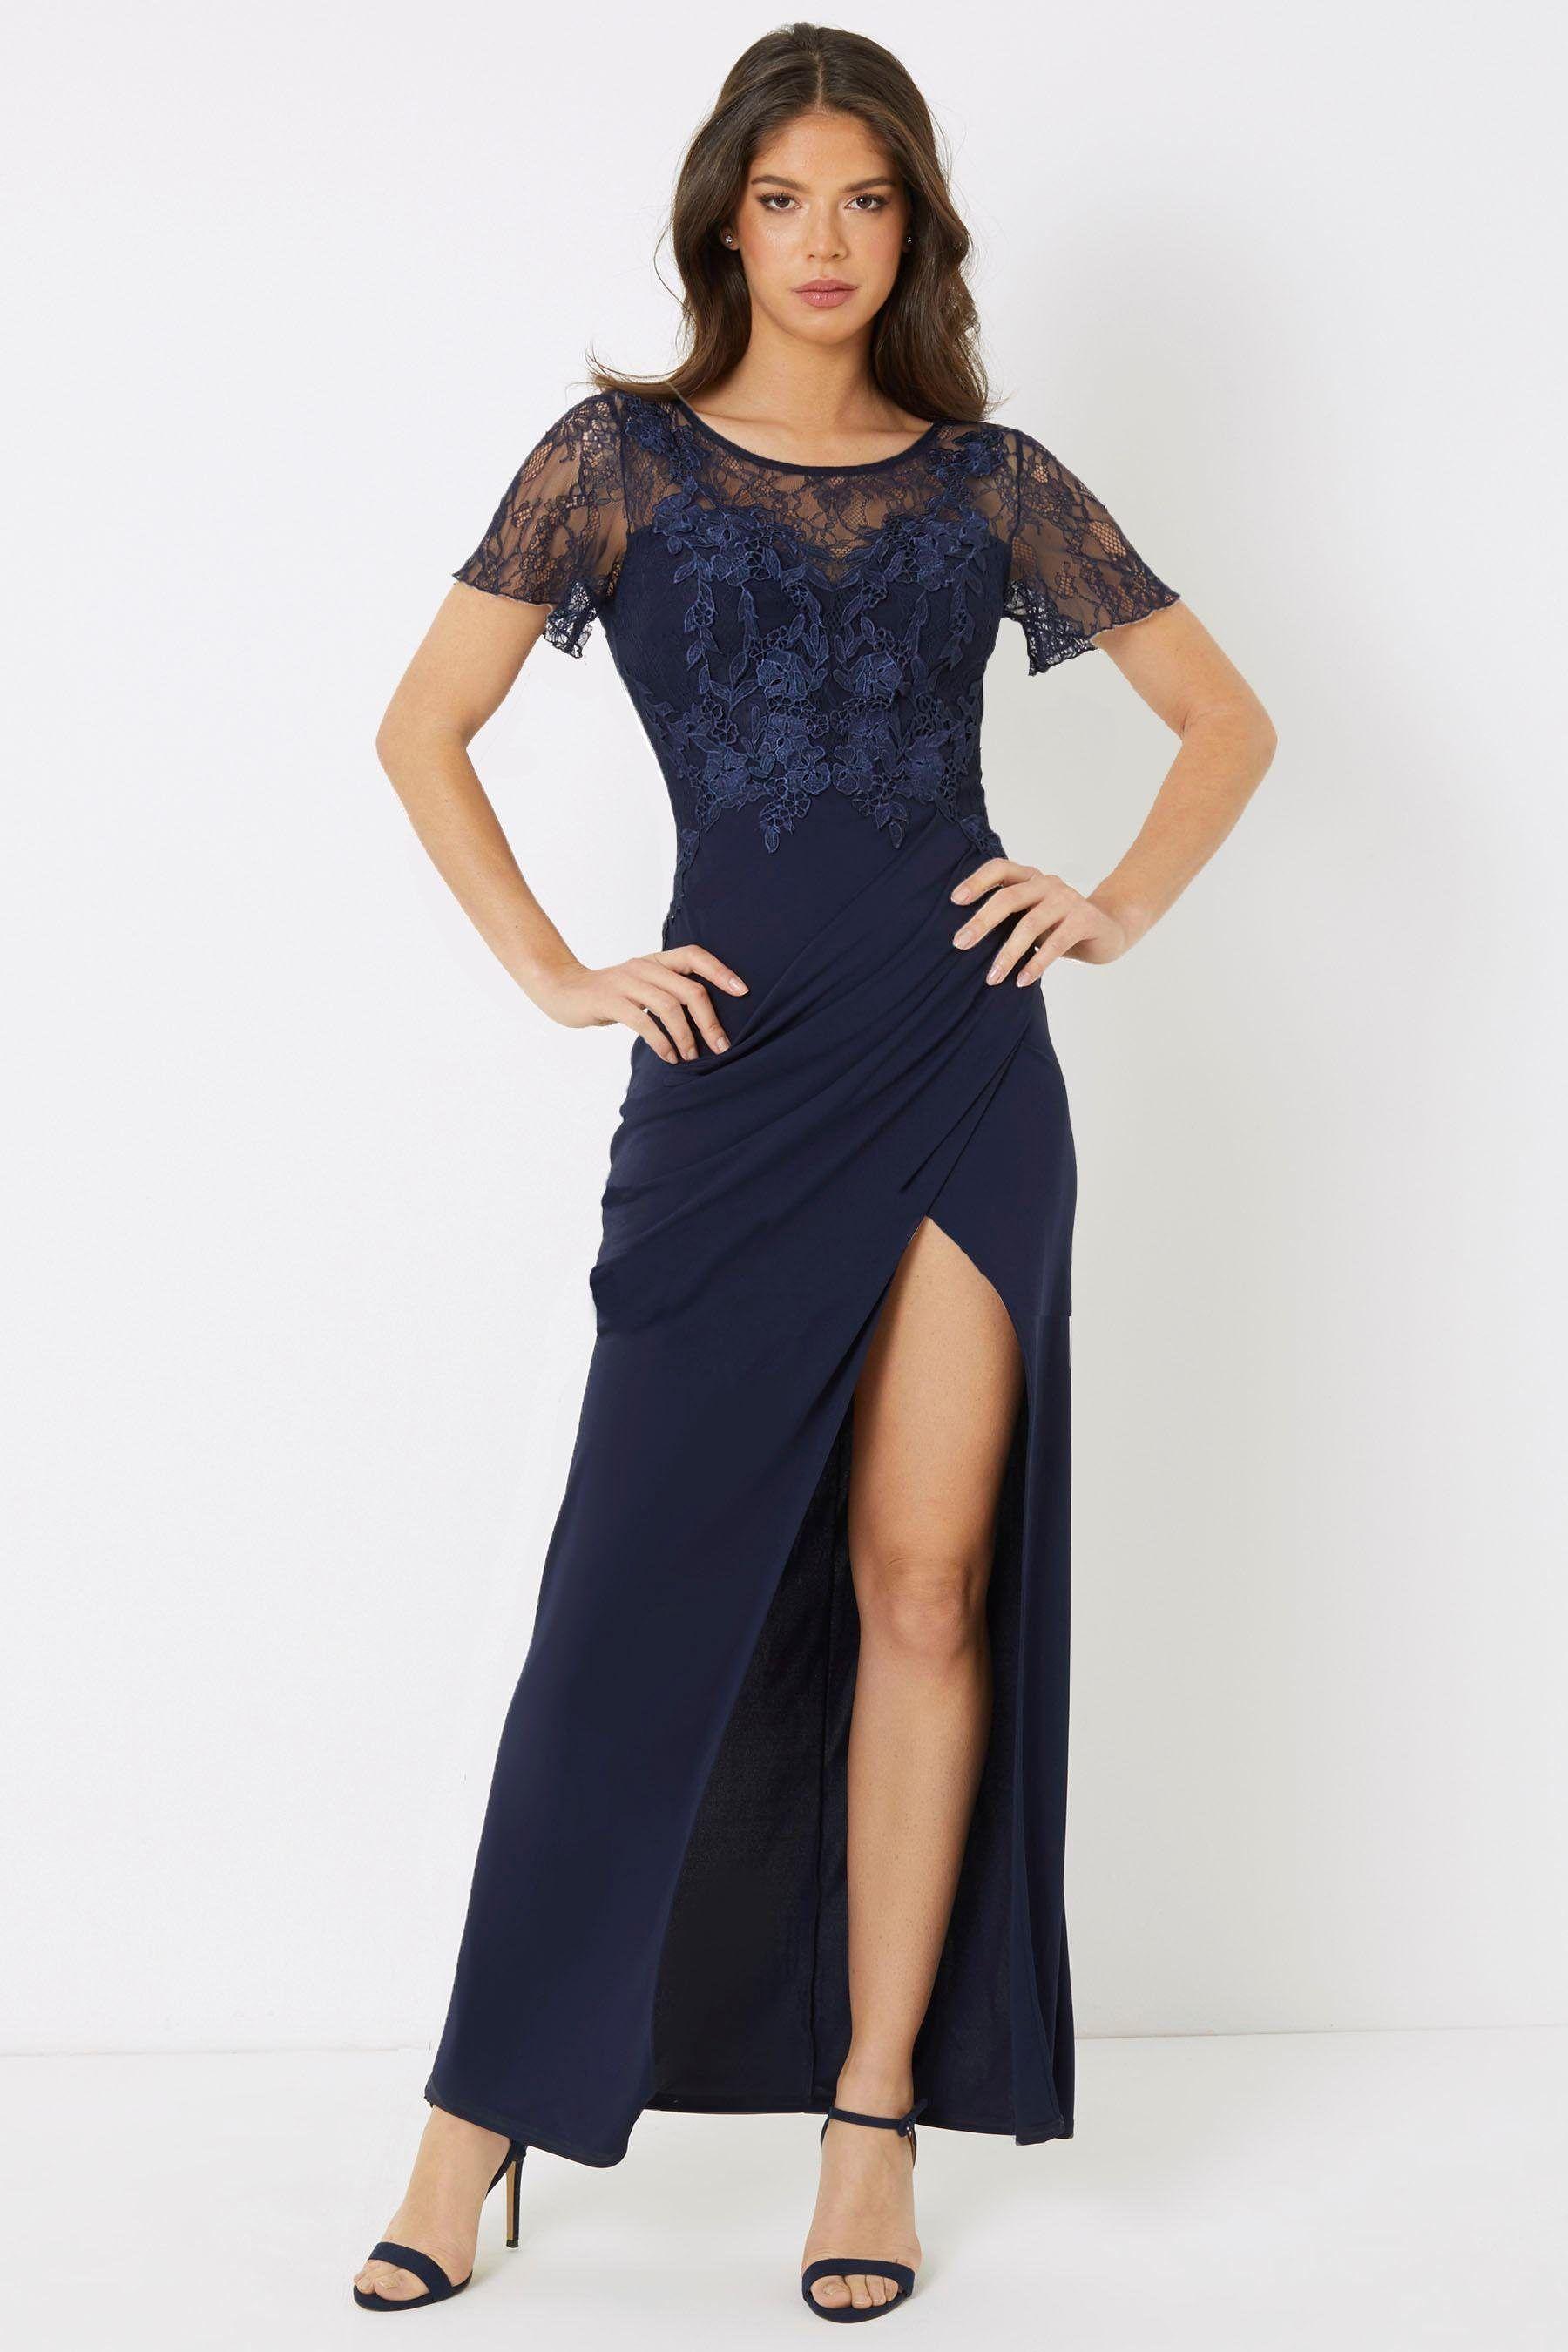 LIPSY: #Neckermann #Lipsy #Damen #LIPSY #Abendkleid #Spitze